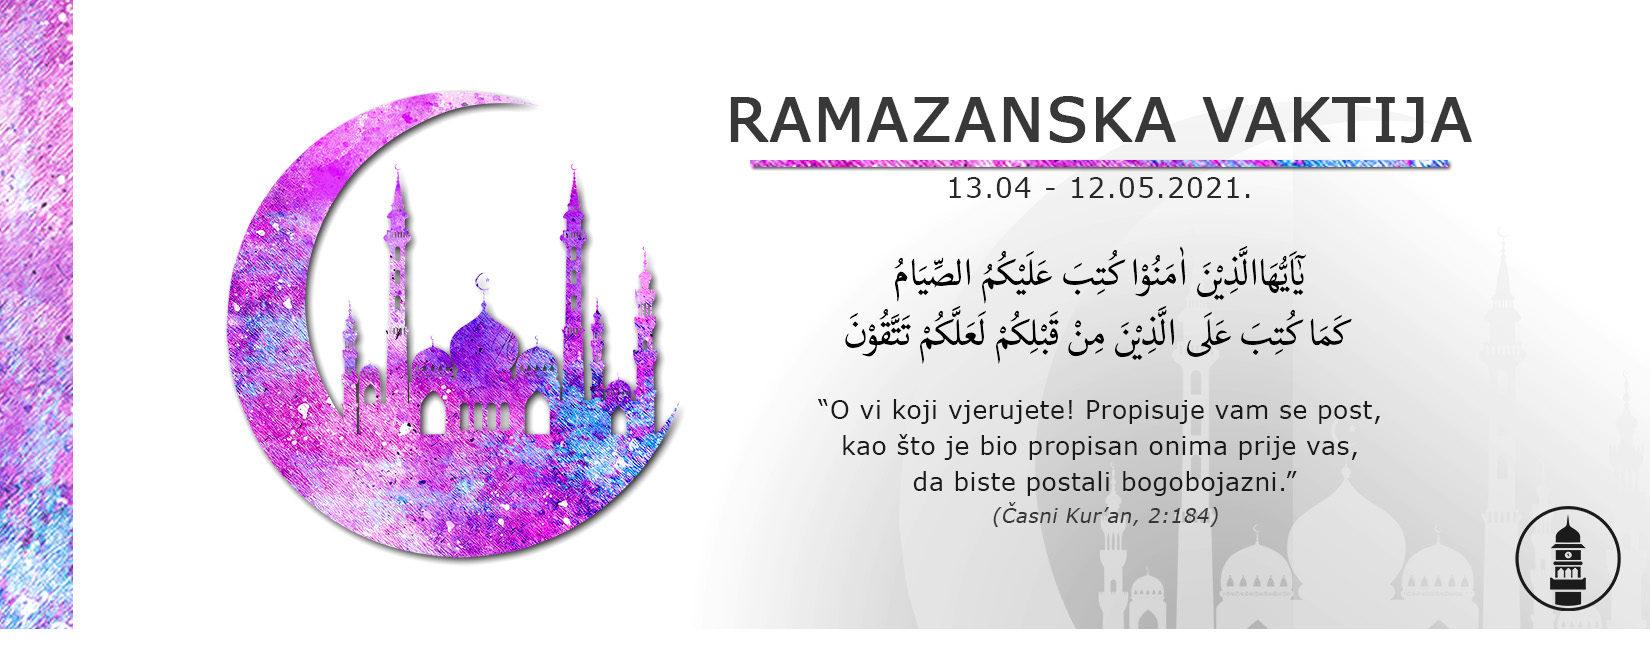 Ramazanska Vaktija Zagreb 2021.